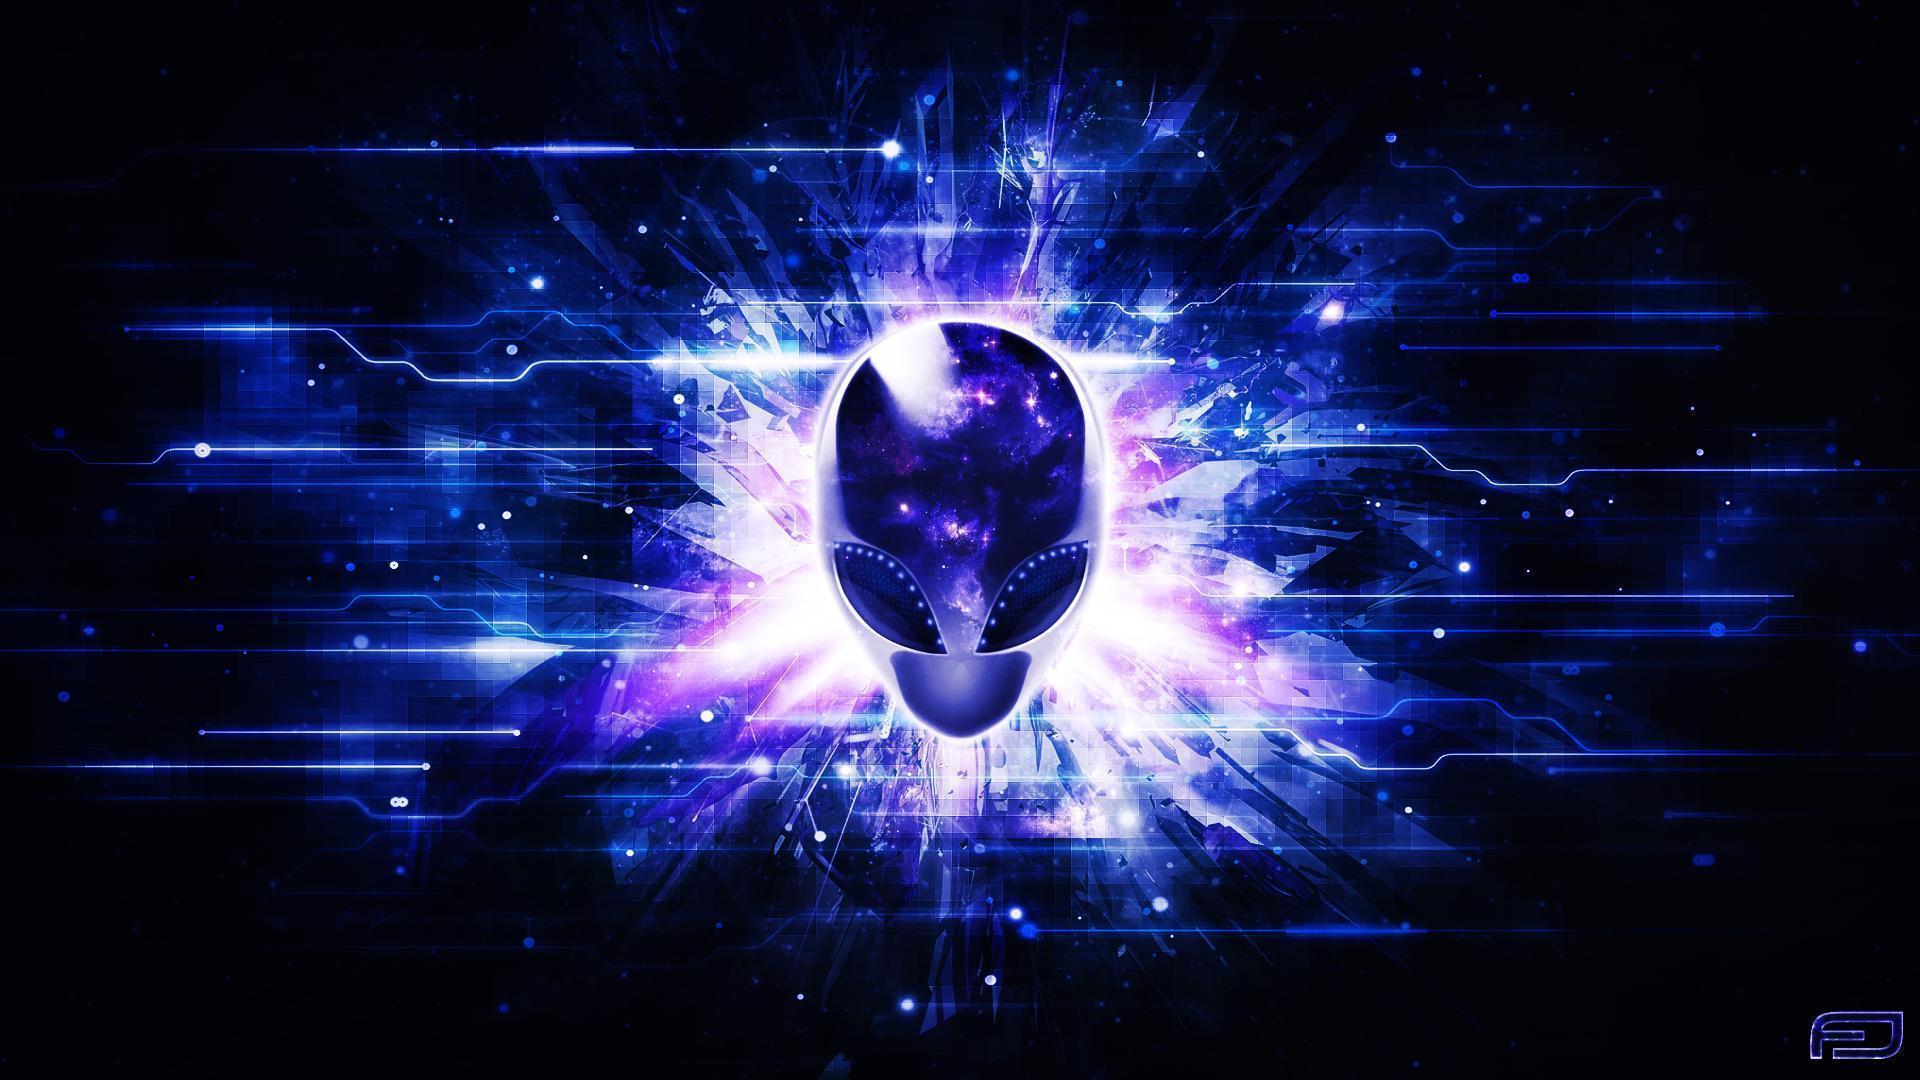 alienware galaxy space memories - photo #9